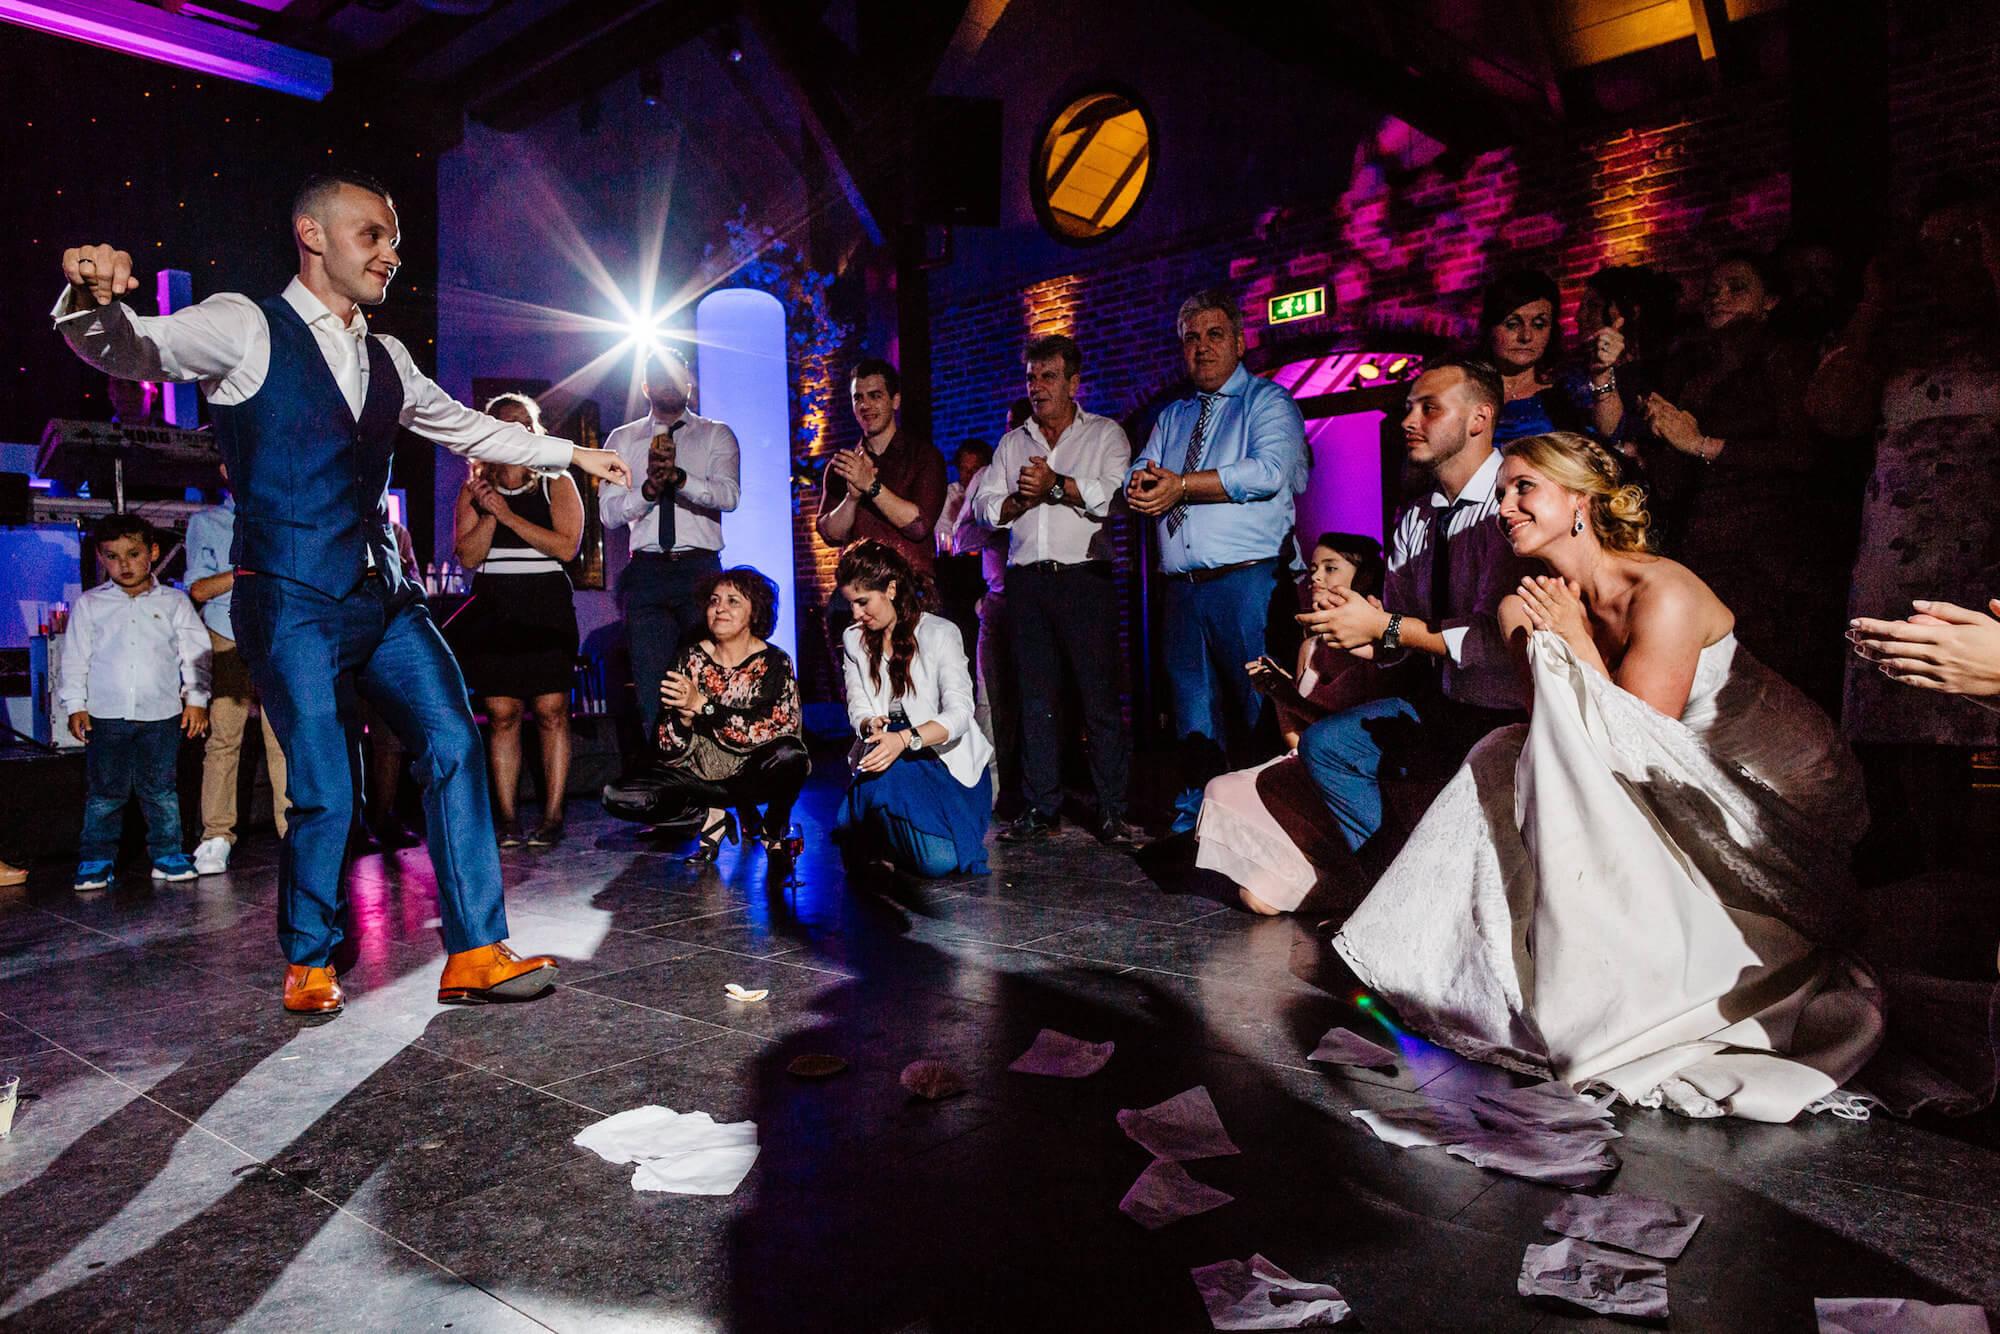 griekse-bruiloft-trouwfotograaf-utrecht-57.jpg